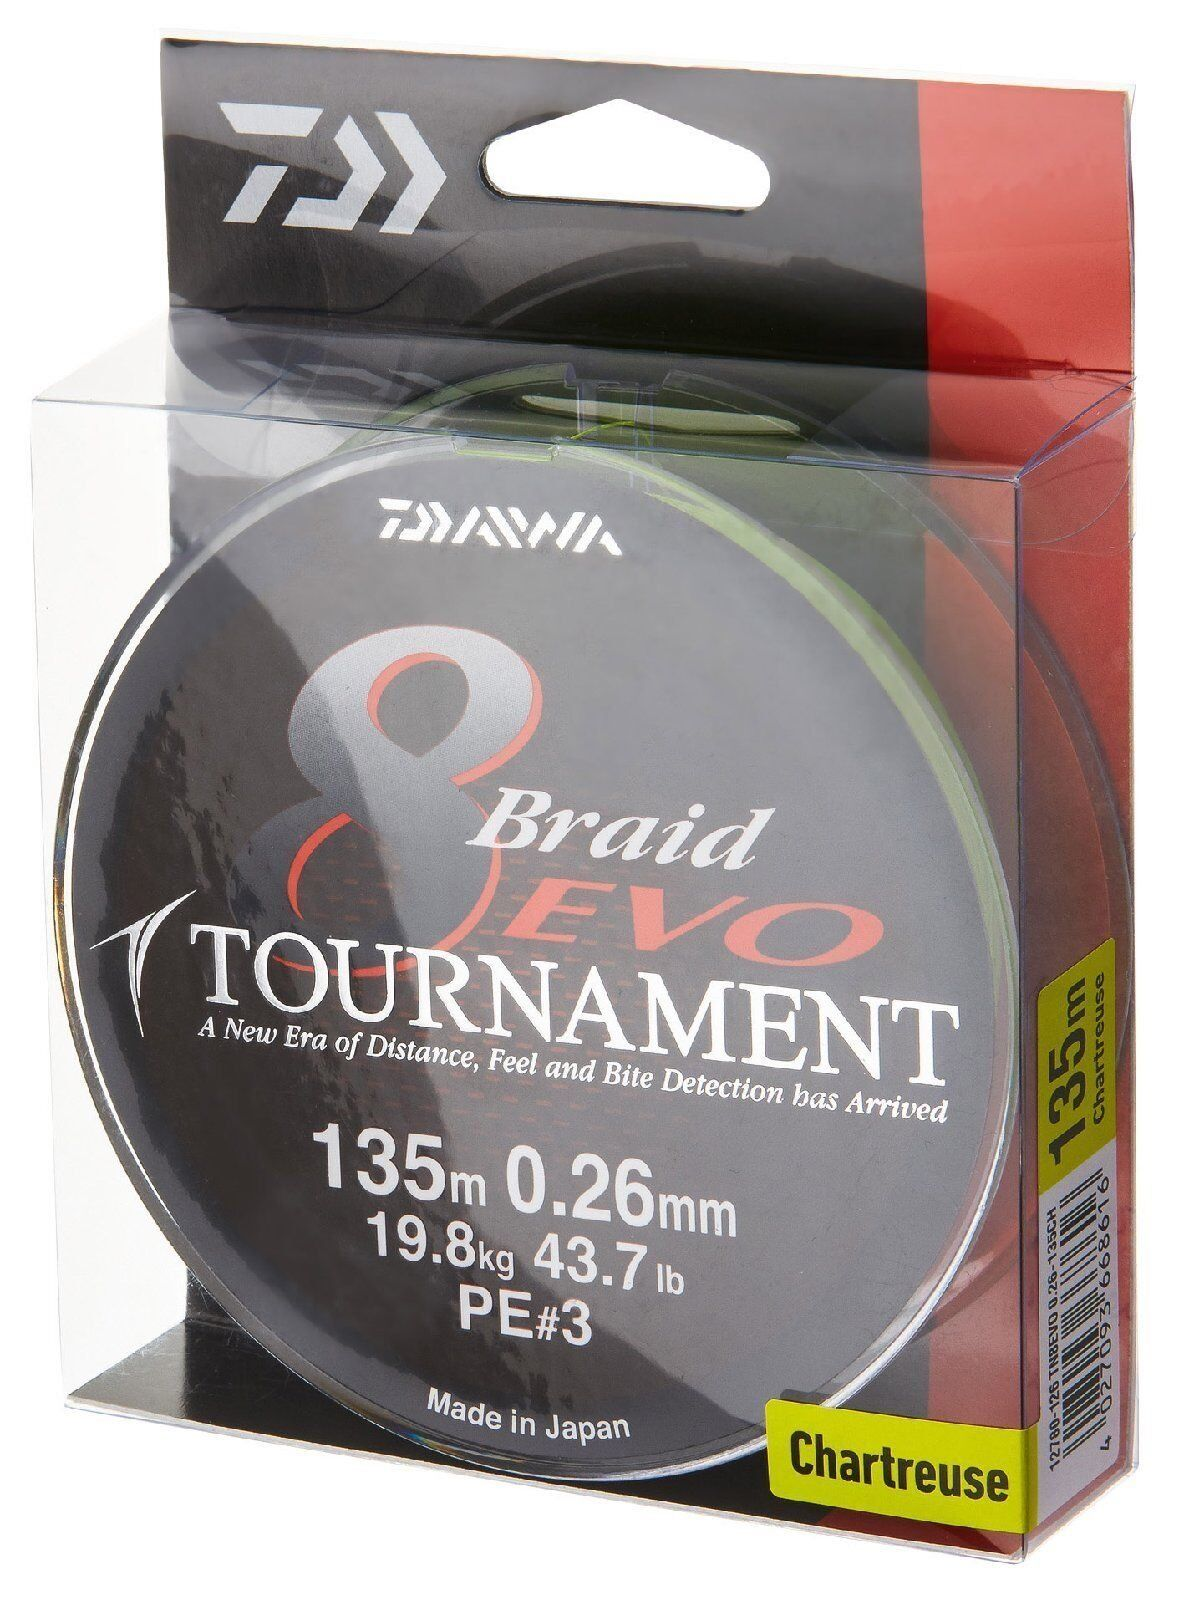 Daiwa Tournament 8 Braid EVO 1000m  chartreuse - geflochtene Angelschnur  los clientes primero